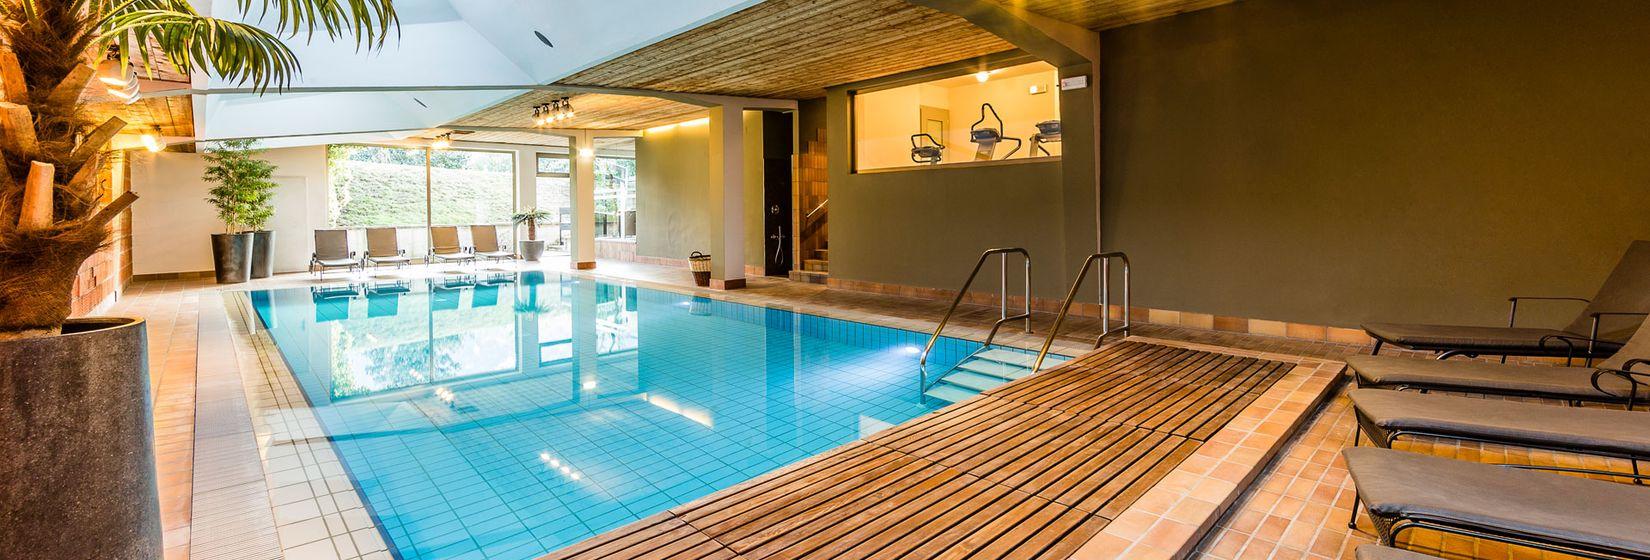 Hotel meran 4 sterne hotel pollinger s dtirol for Design wellnesshotel sudtirol